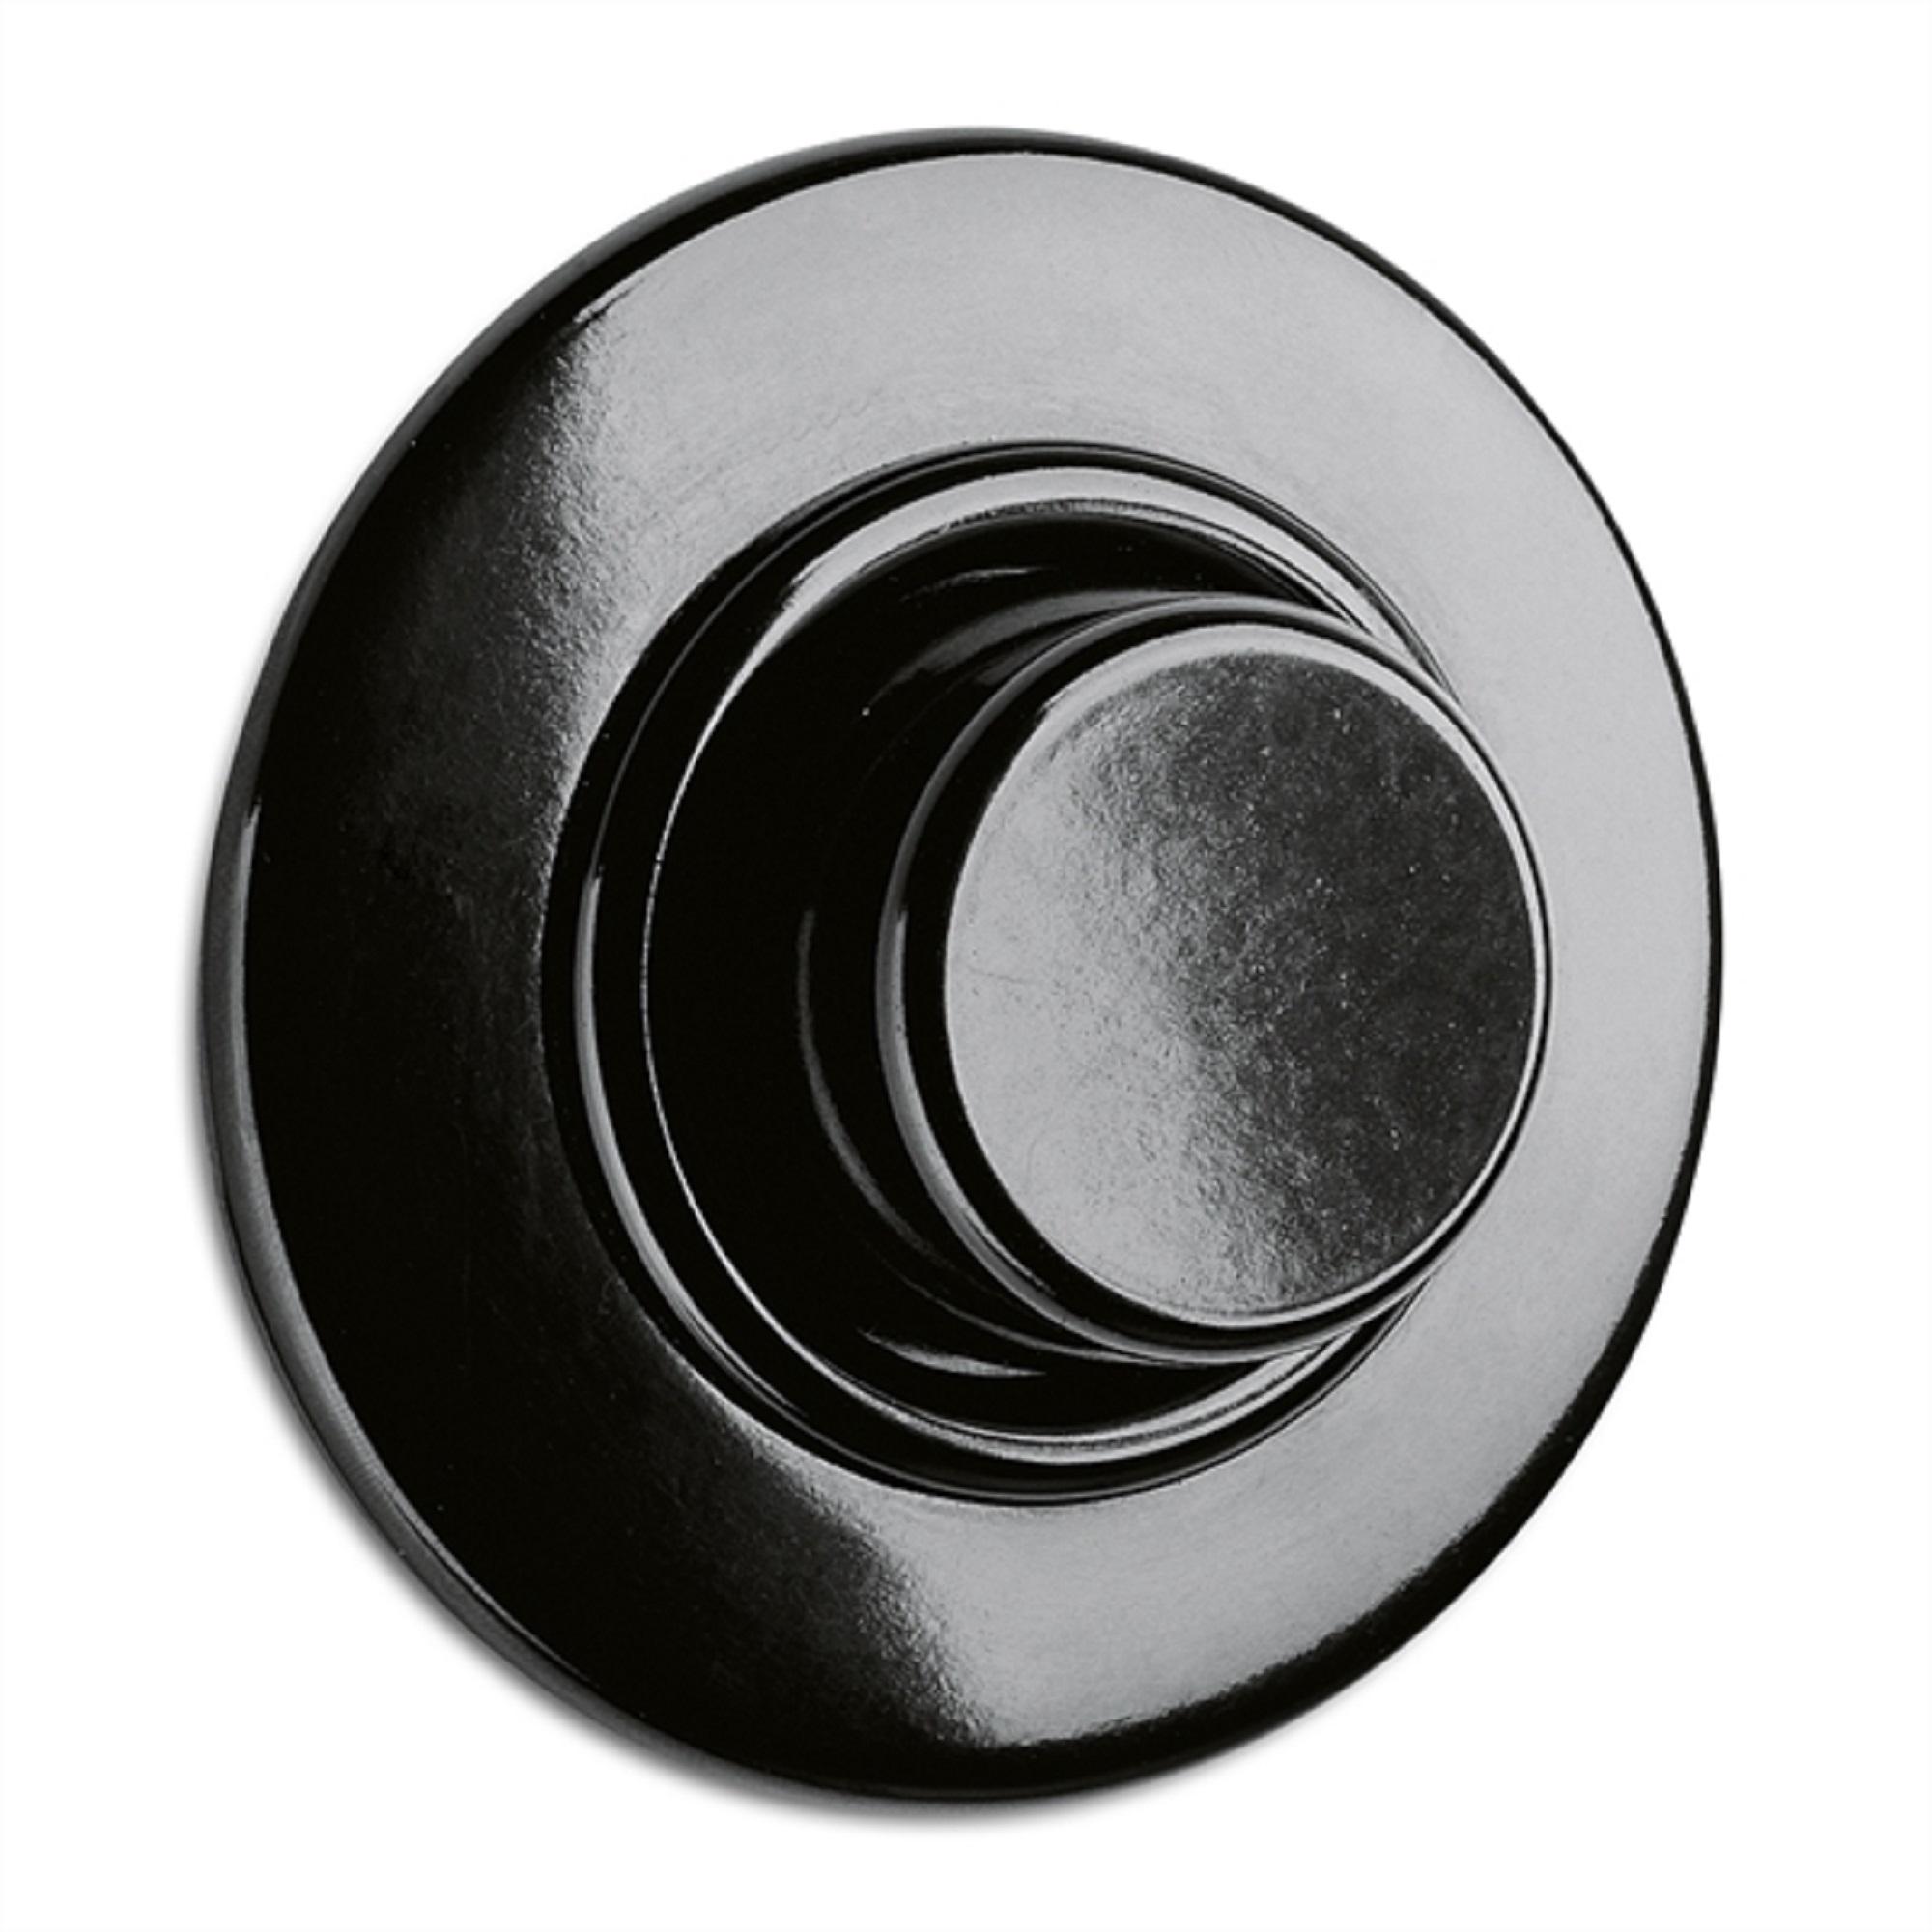 Dimmer Glühlampen, Unterputz-Schaltersystem Bakelit schwarz mit runder Abdeckung